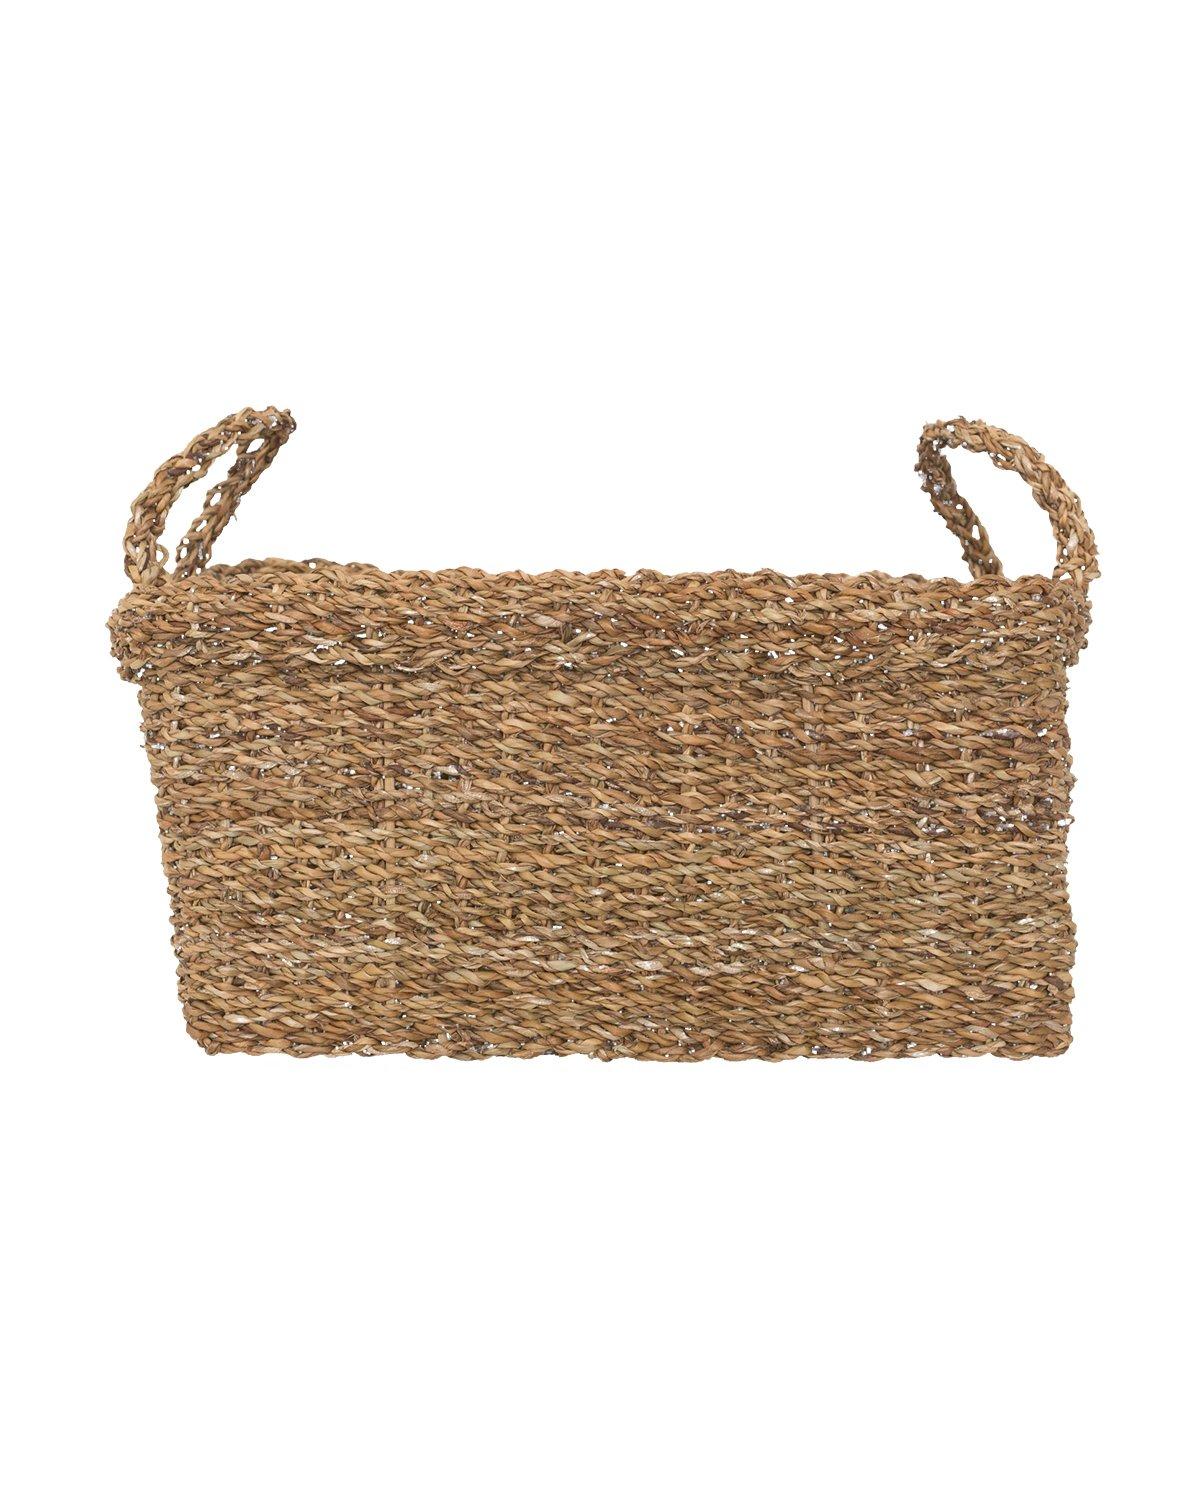 Cuffed_Rectangular_Baskets_main.jpg